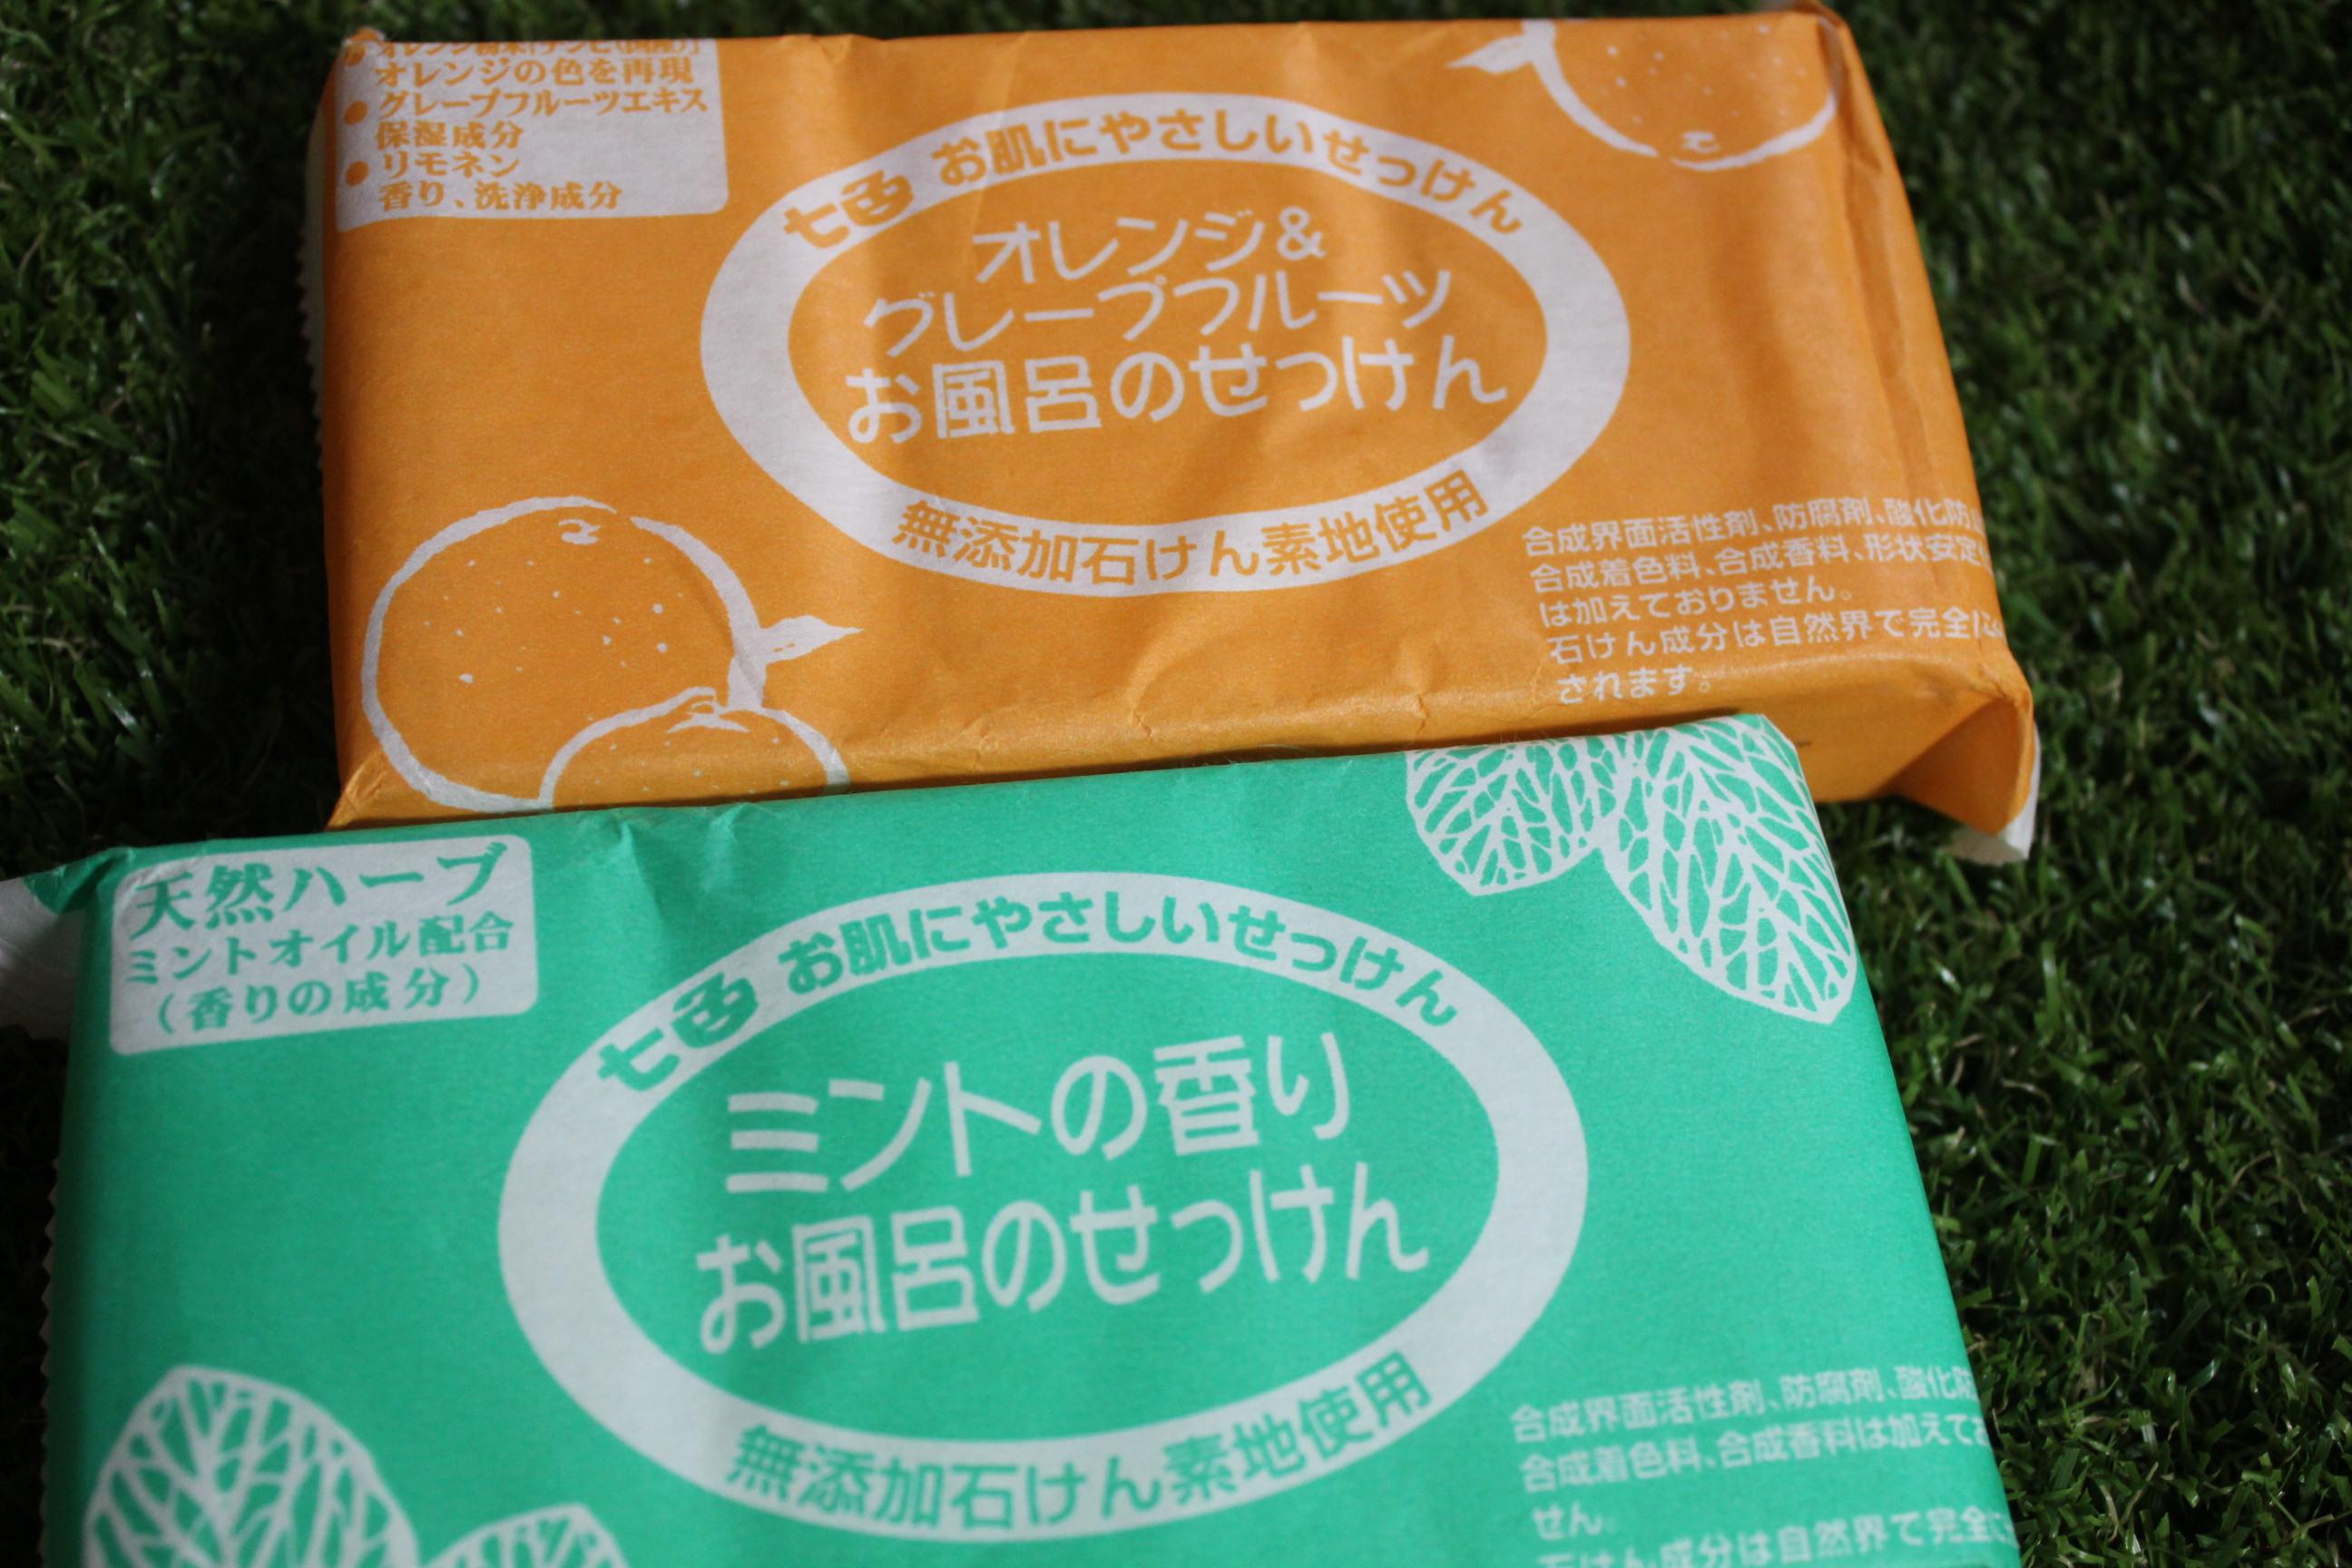 【地の塩 よもぎ石けん】と【まるは油脂化学 ミント&オレンジ】はさっぱりすっきり☆彡